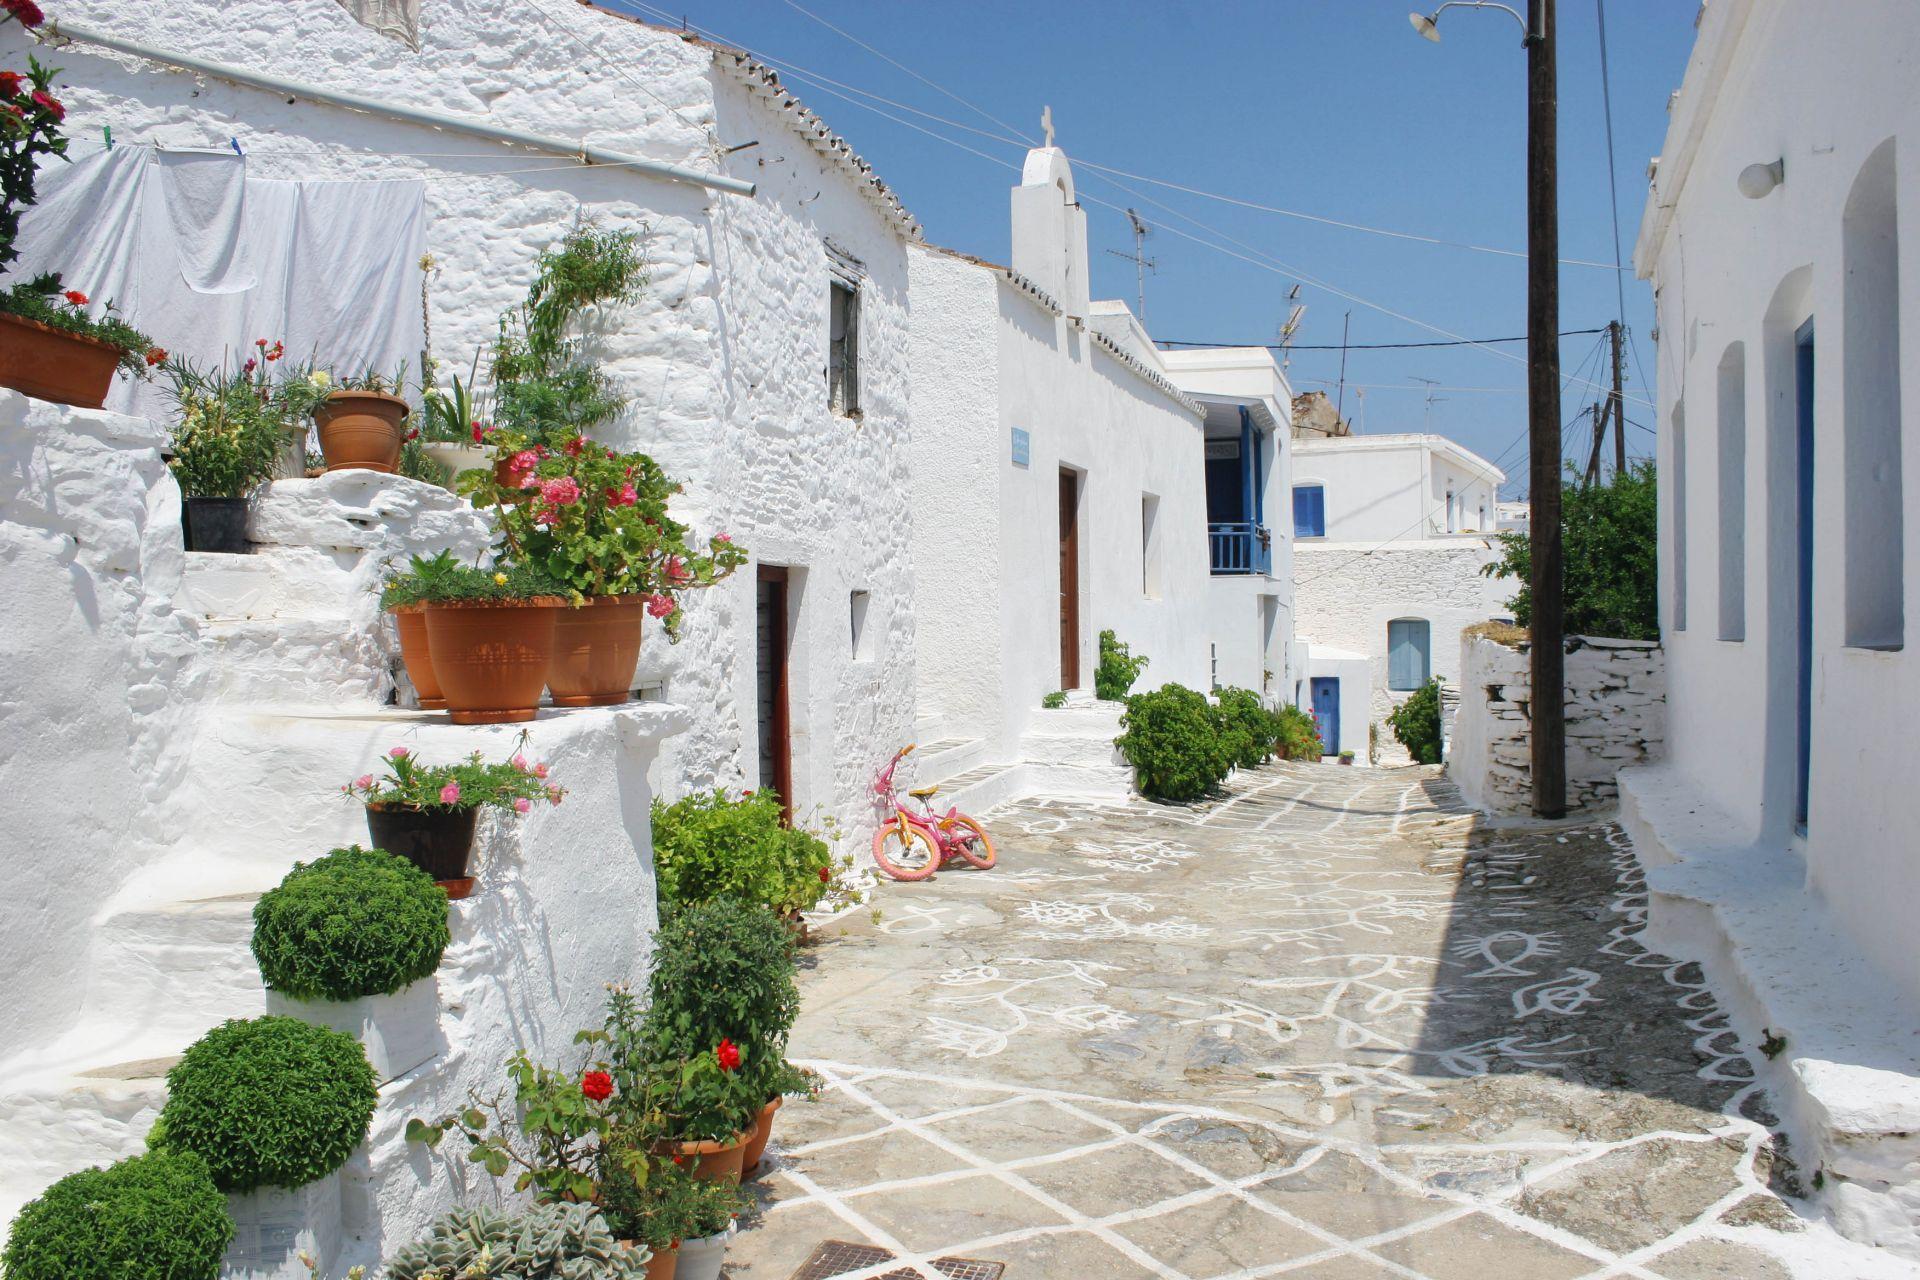 Kythnos island: Chora